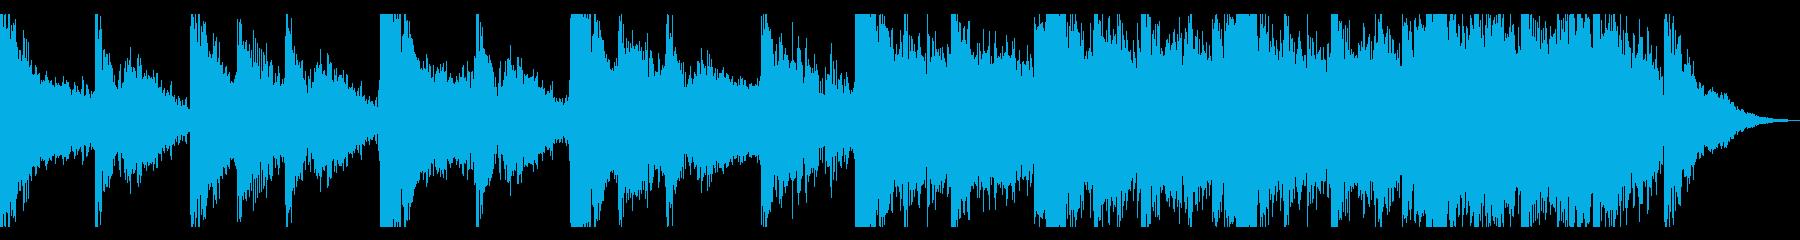 ダークシネマティックトレーラーの再生済みの波形